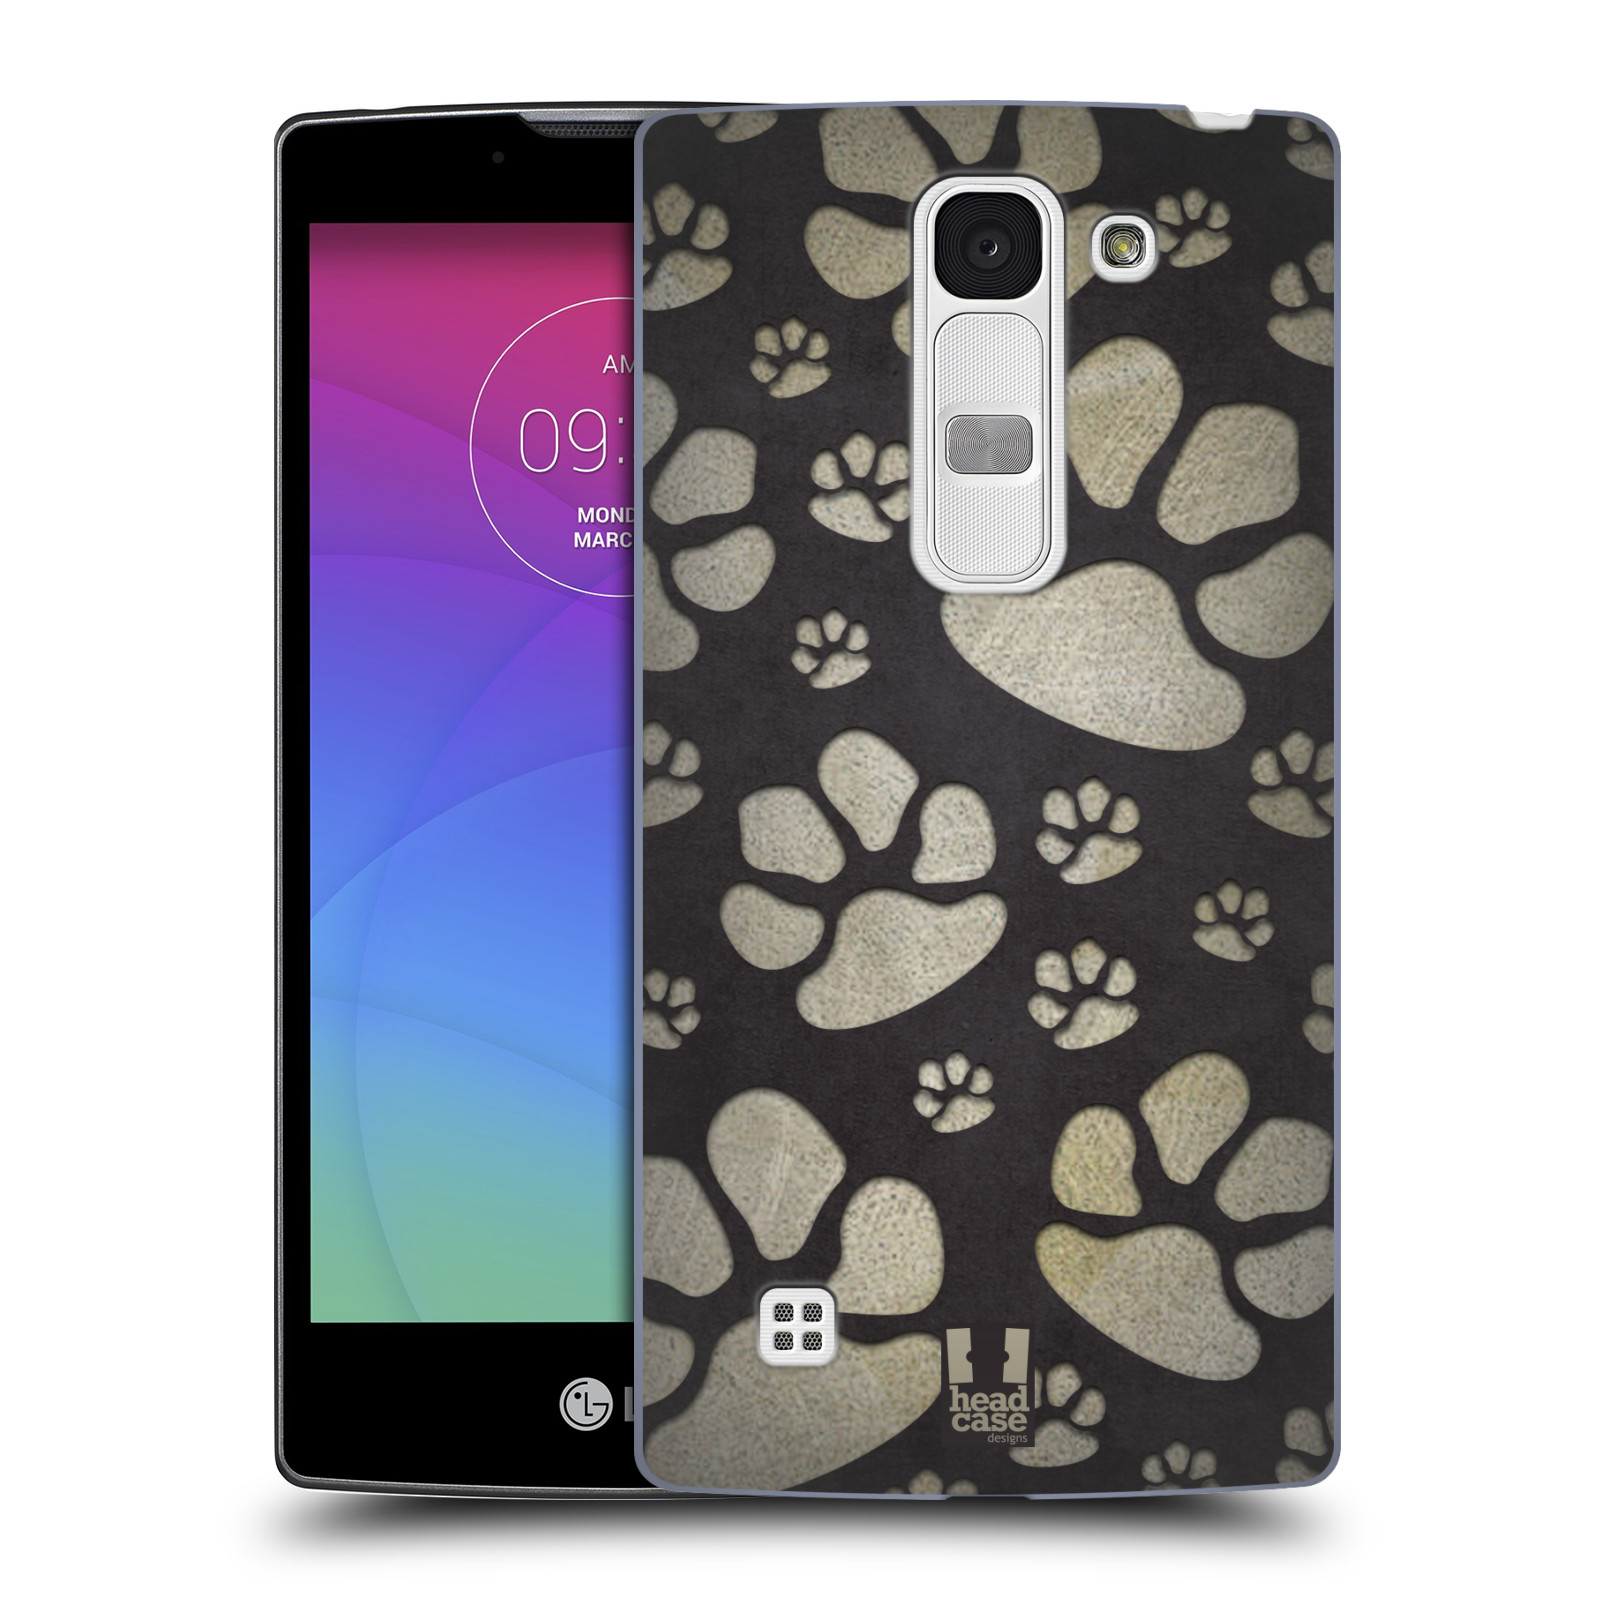 Plastové pouzdro na mobil LG Spirit LTE HEAD CASE TLAPKY ŠEDÉ (Kryt či obal na mobilní telefon LG Spirit H420 a LG Spirit LTE H440N)